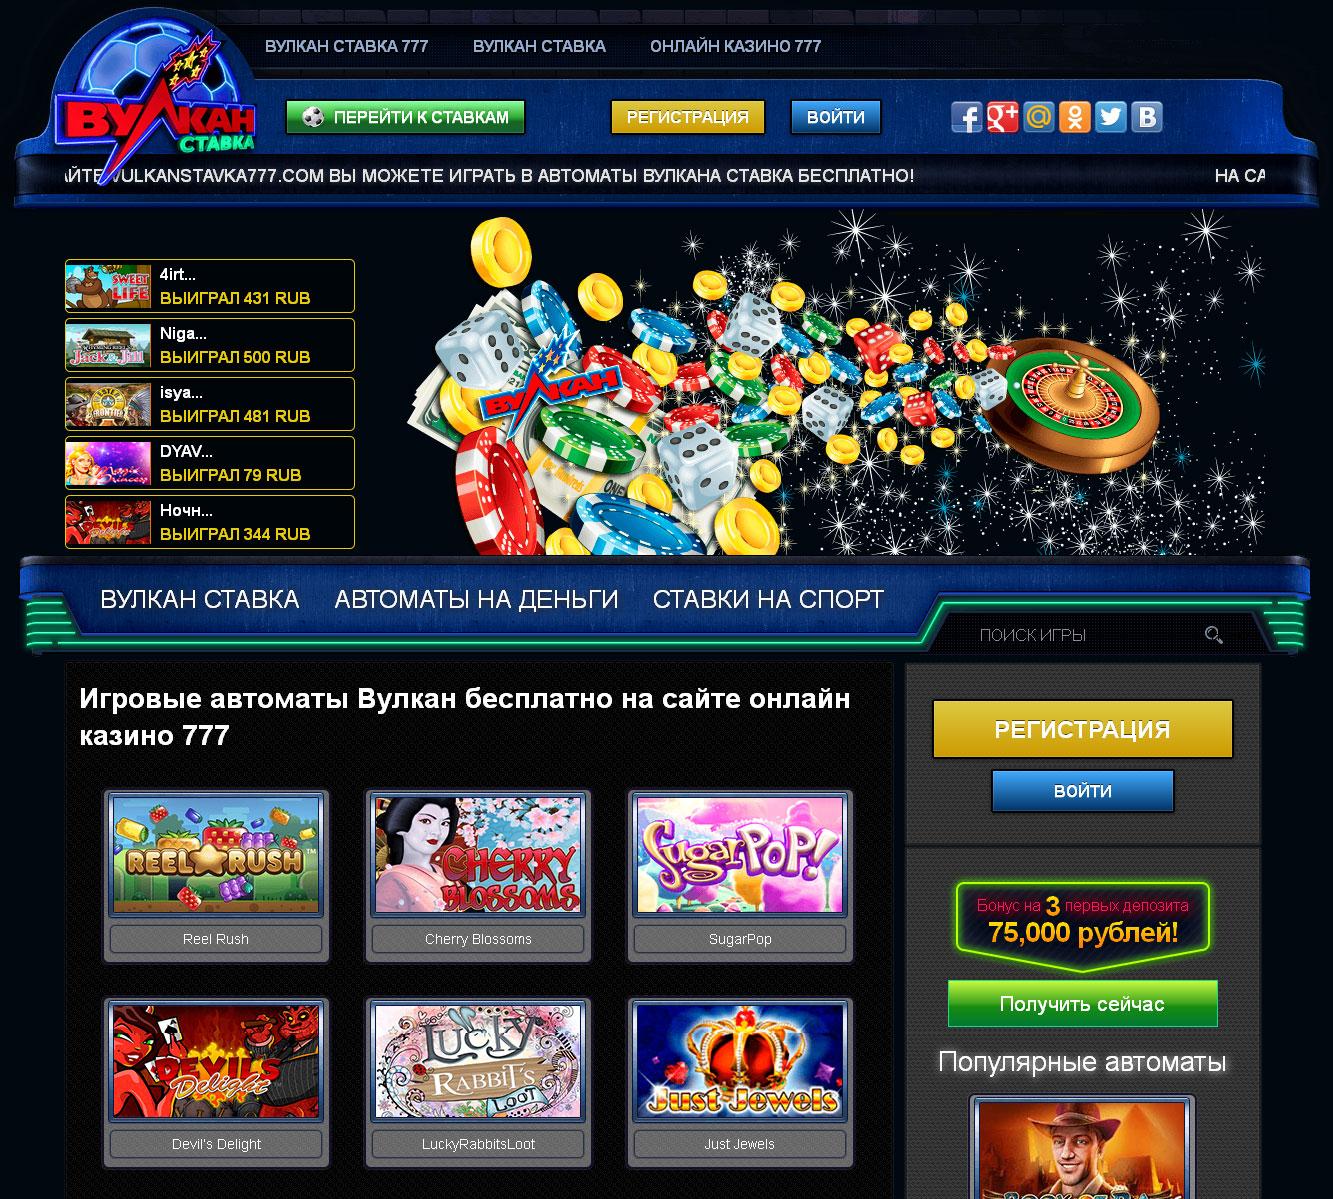 Игры для взрослых игровой автомат вулкан вулкан премиум игровые автоматы официальный сайт